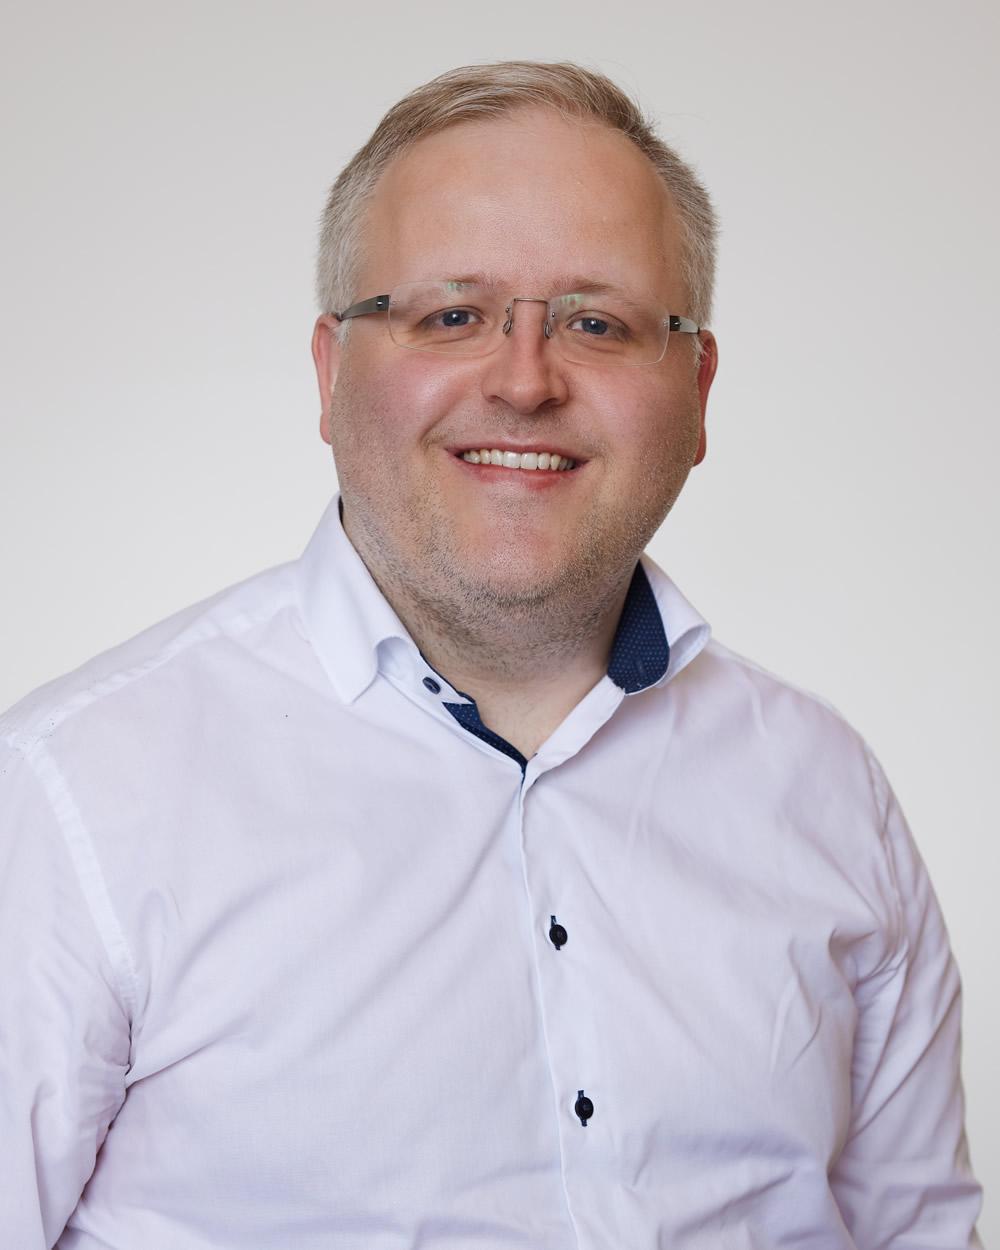 Daníel Snæbjörnsson